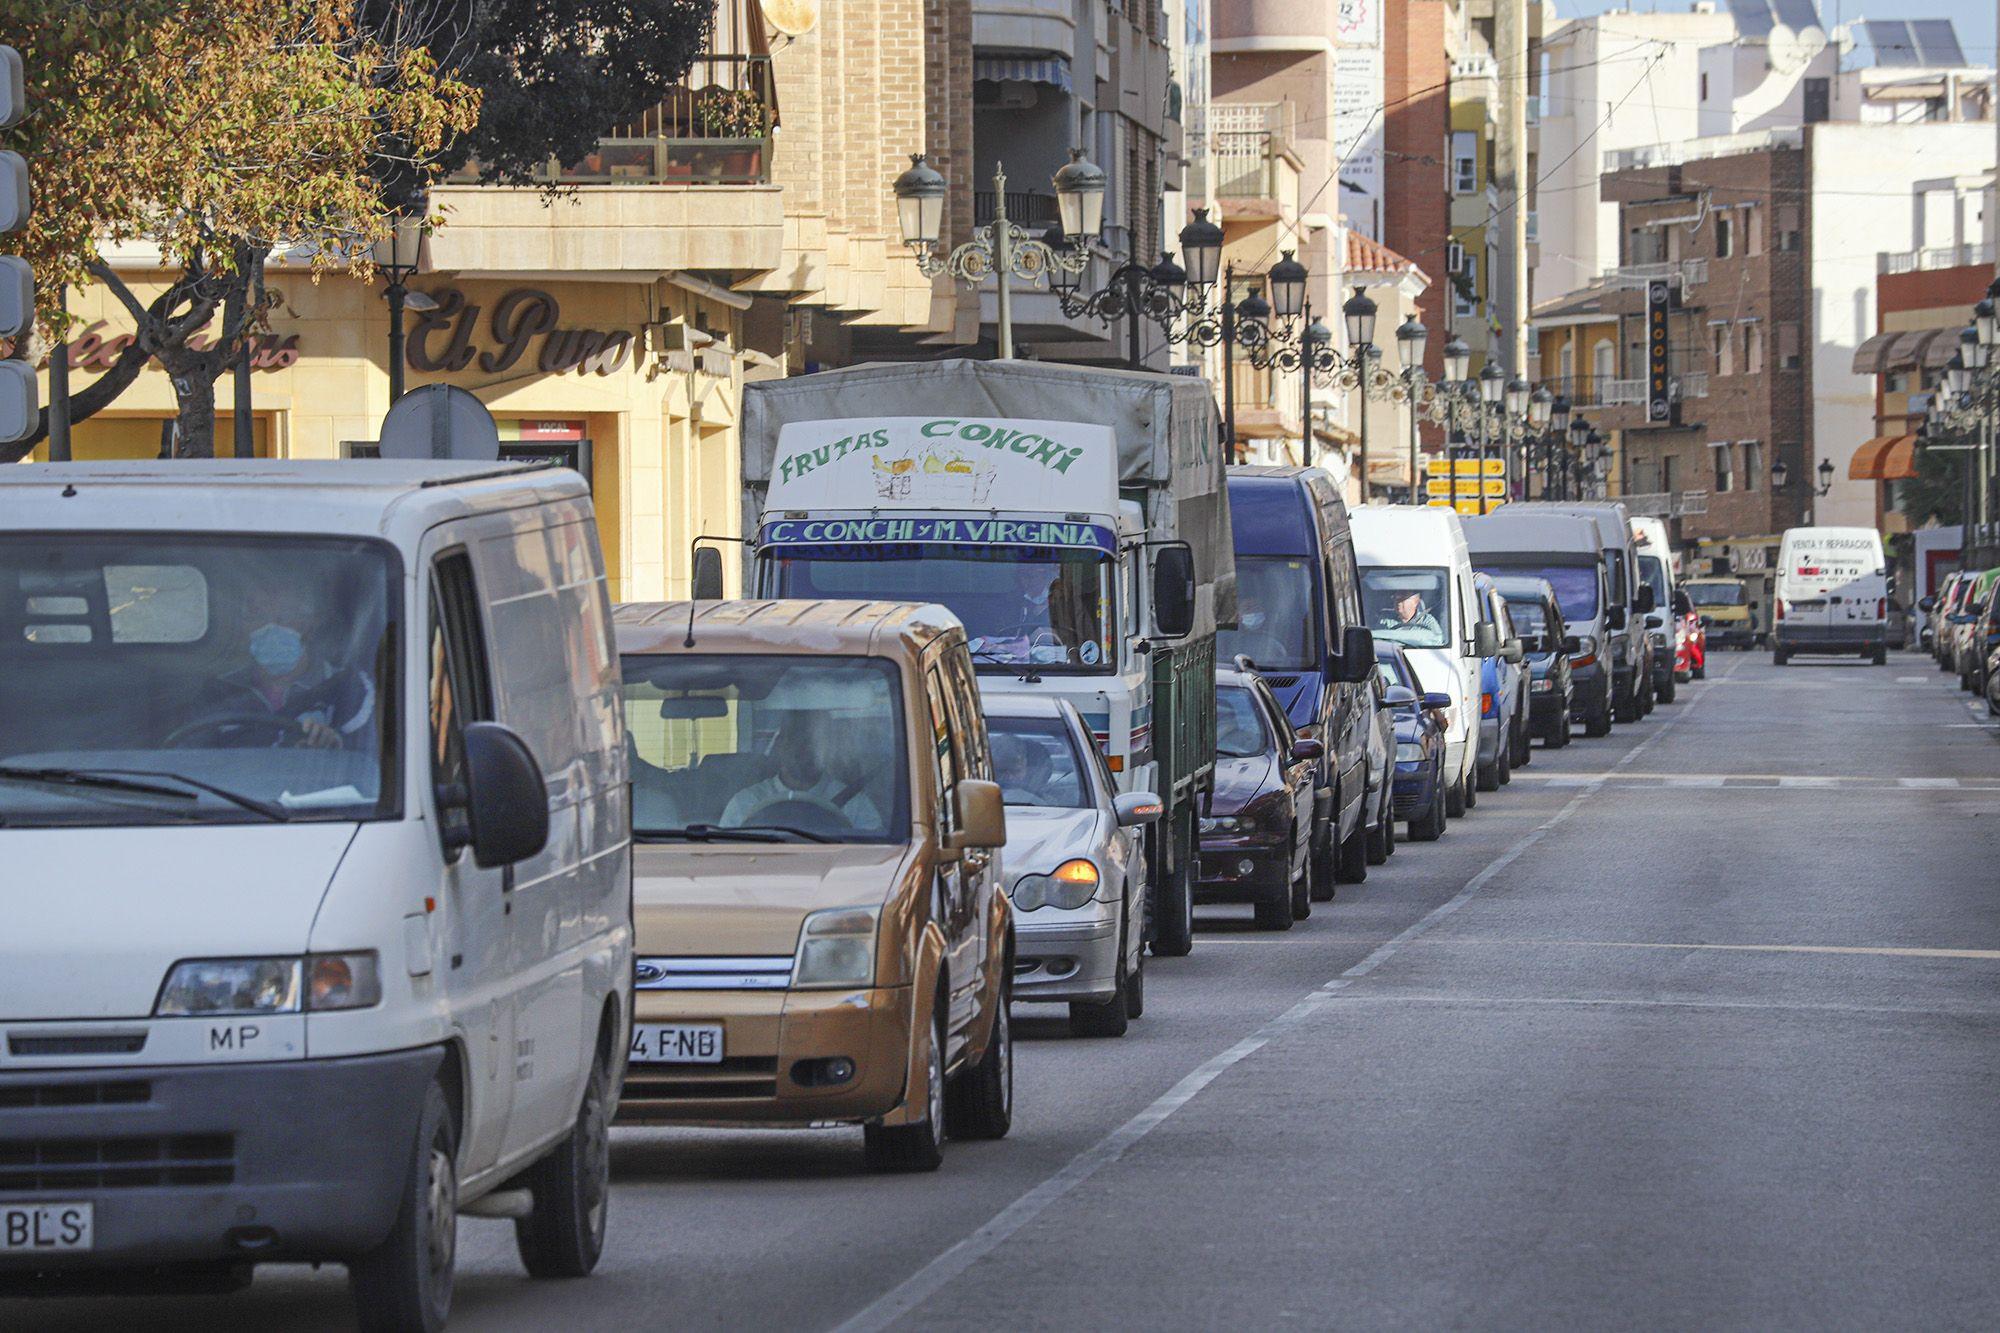 Protesta de los vendedores ambulantes de Guardamar por el cambio de ubicación del mercadillo